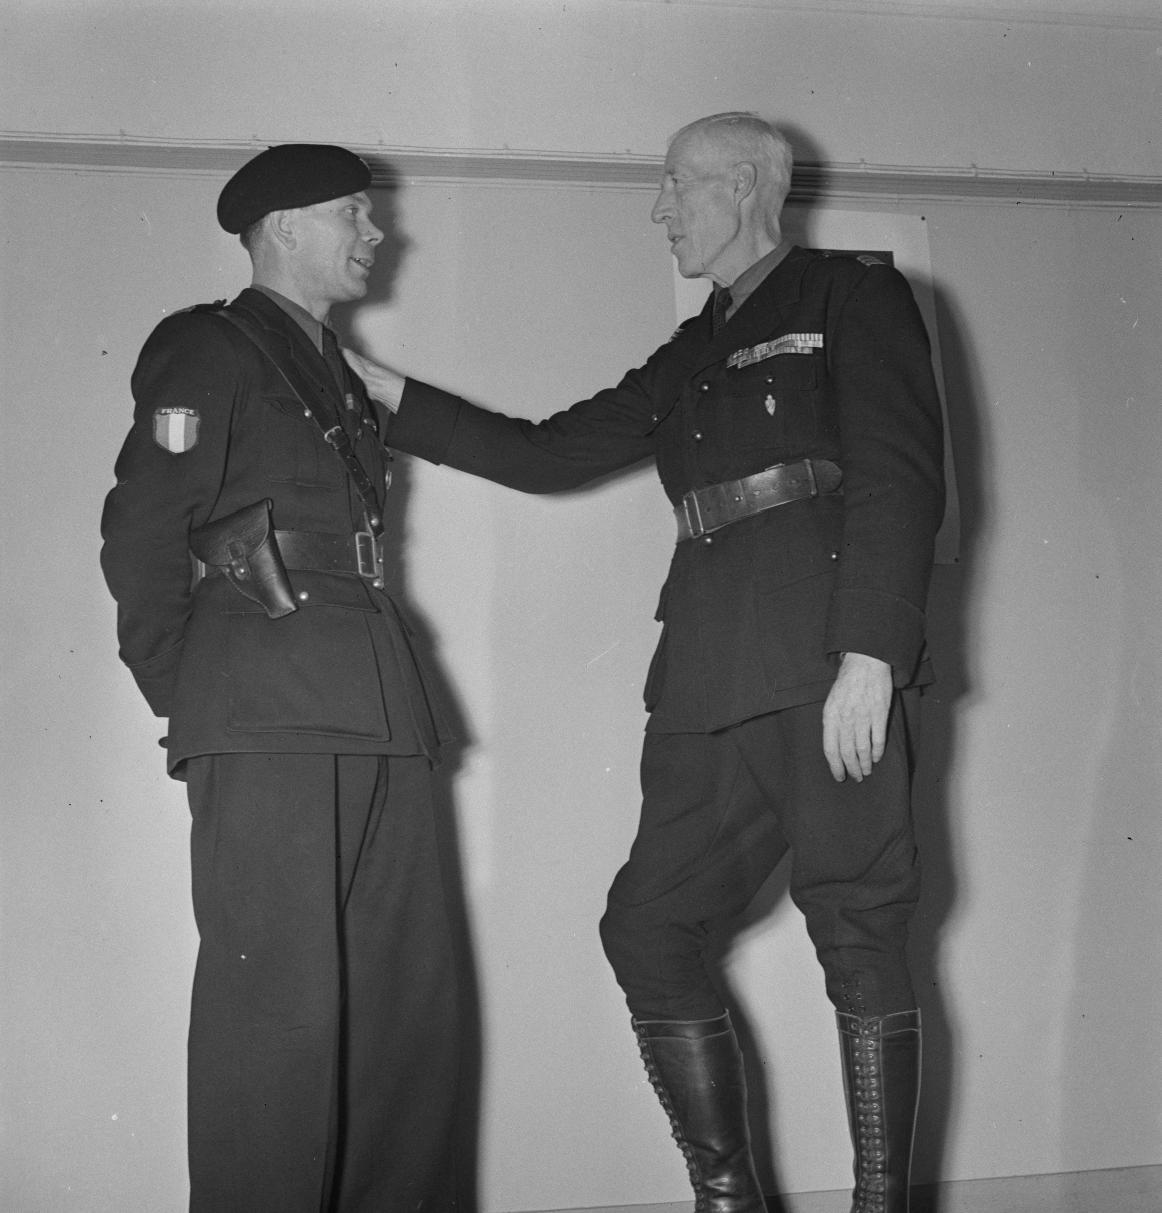 016. Легион французских добровольцев против большевизма. Доброволец и полковник